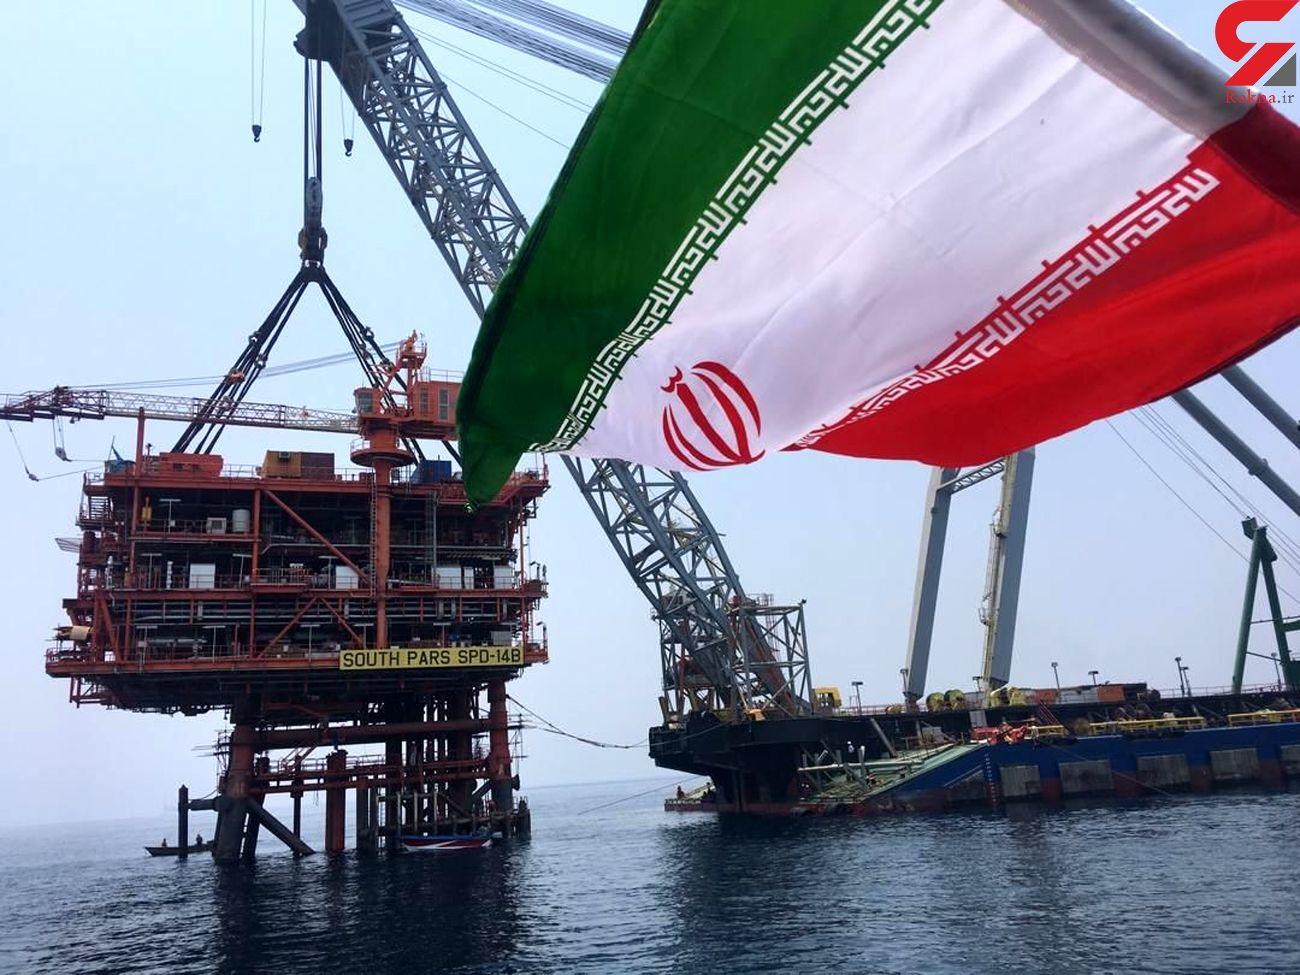 میزان درآمد ایران از پارس جنوبی مشخص شد